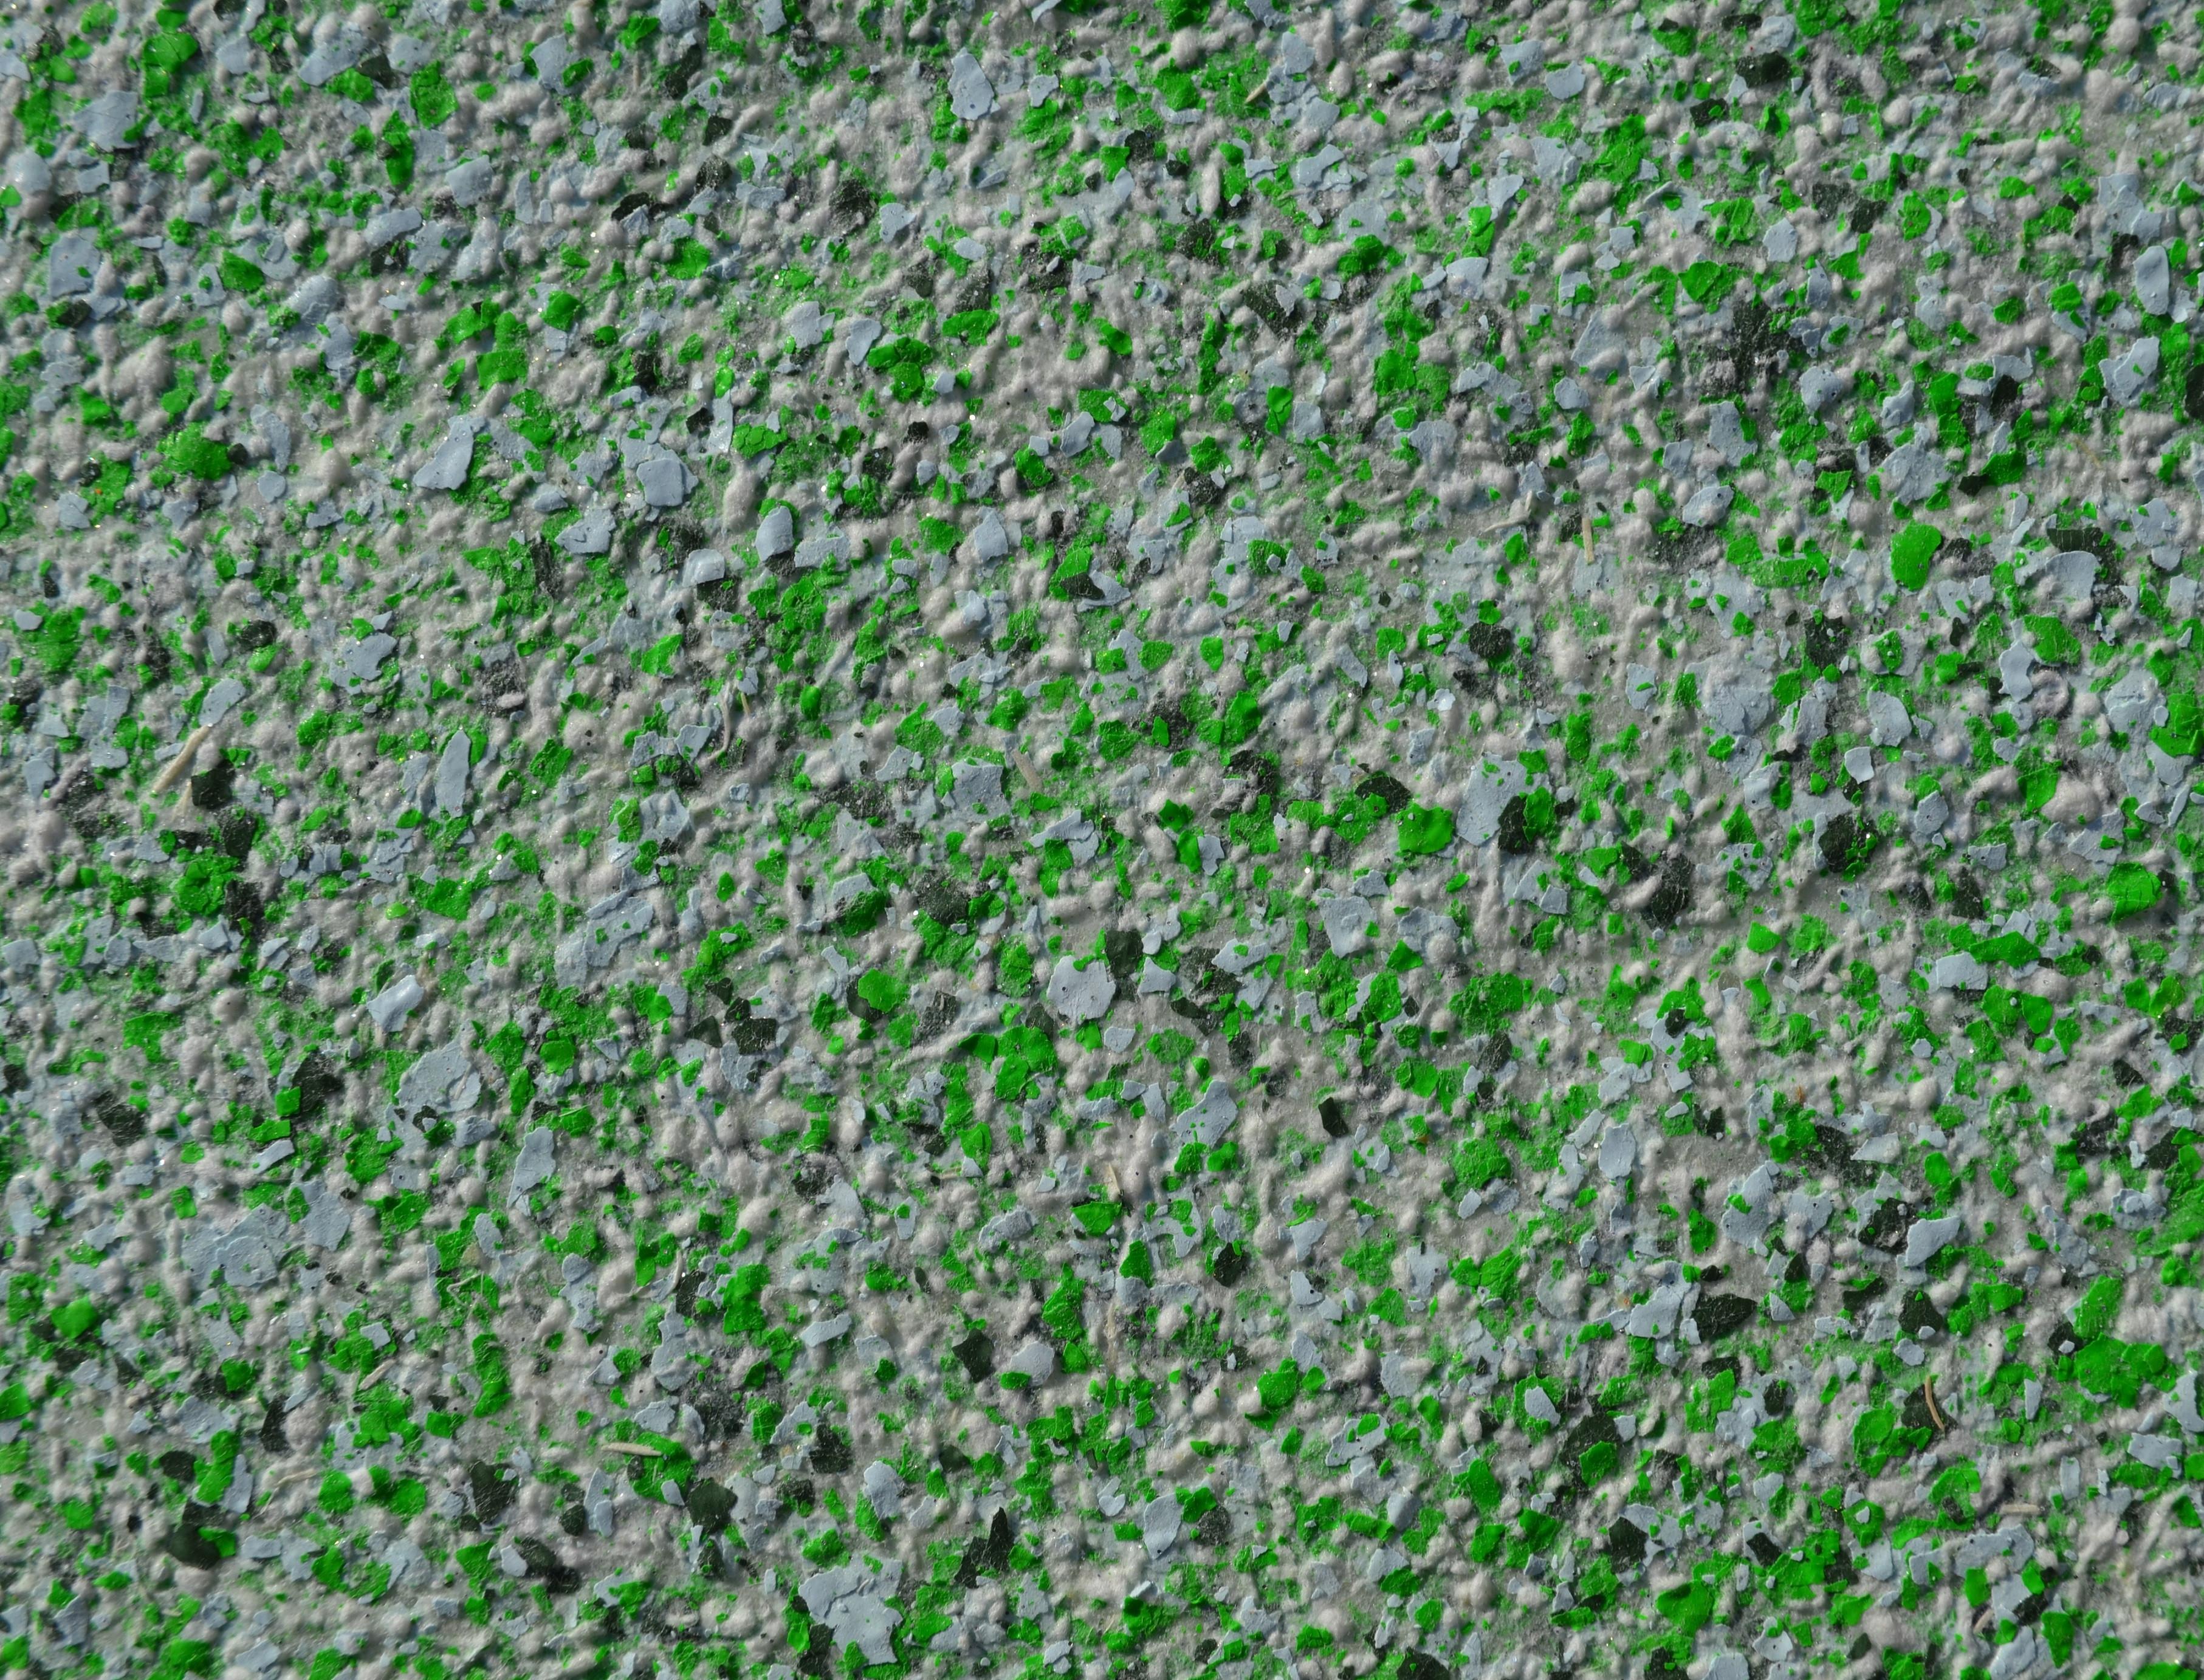 Жидкие обои Юрски Фуксия 1405 зеленые - изображение 2 - интернет-магазин tricolor.com.ua